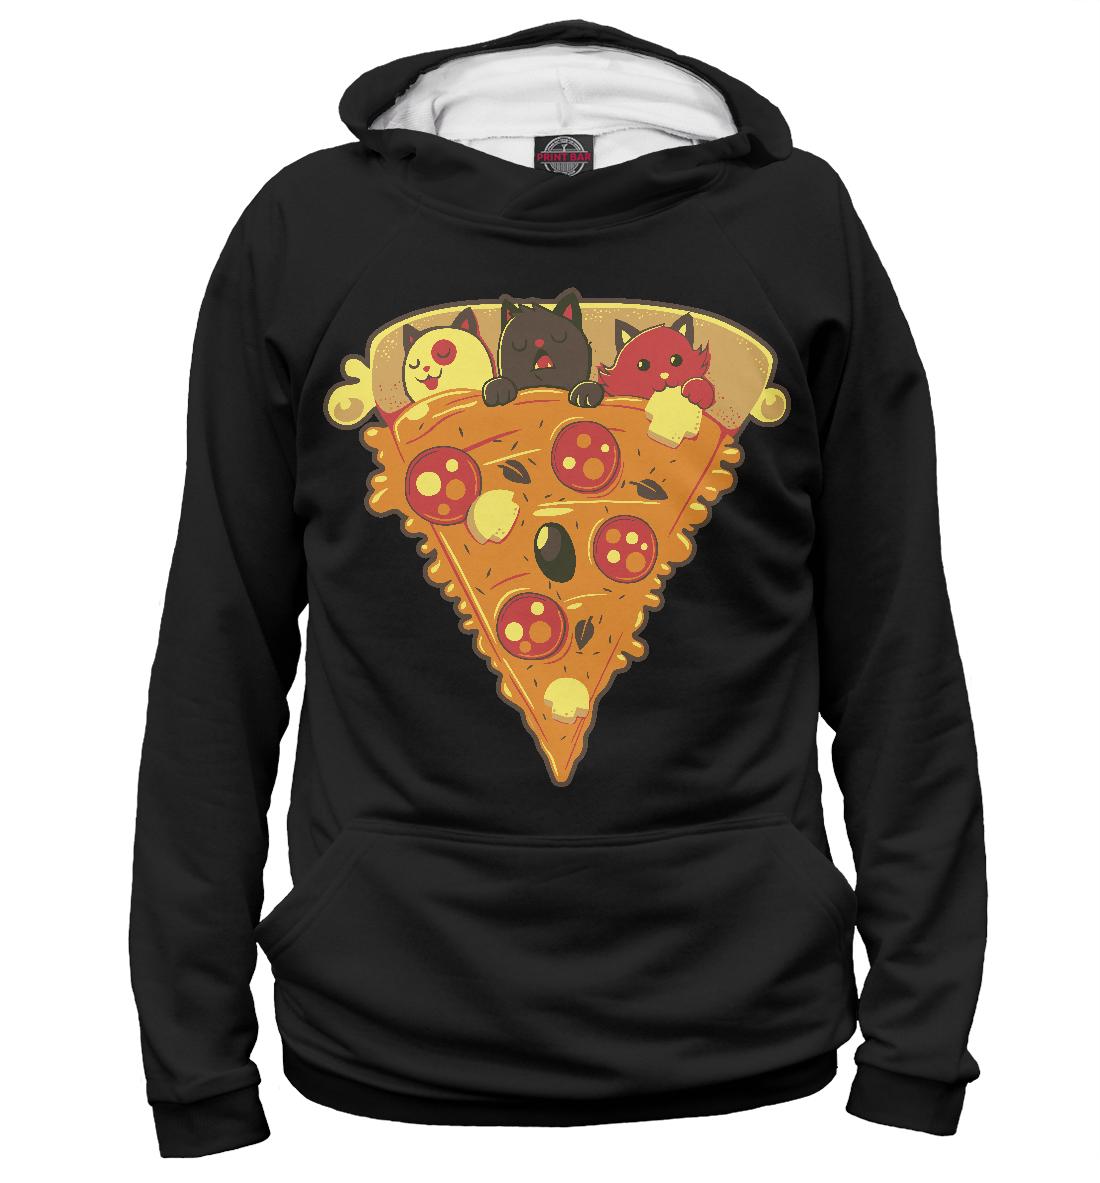 Купить Котята в пицце, Printbar, Худи, CAT-726327-hud-2